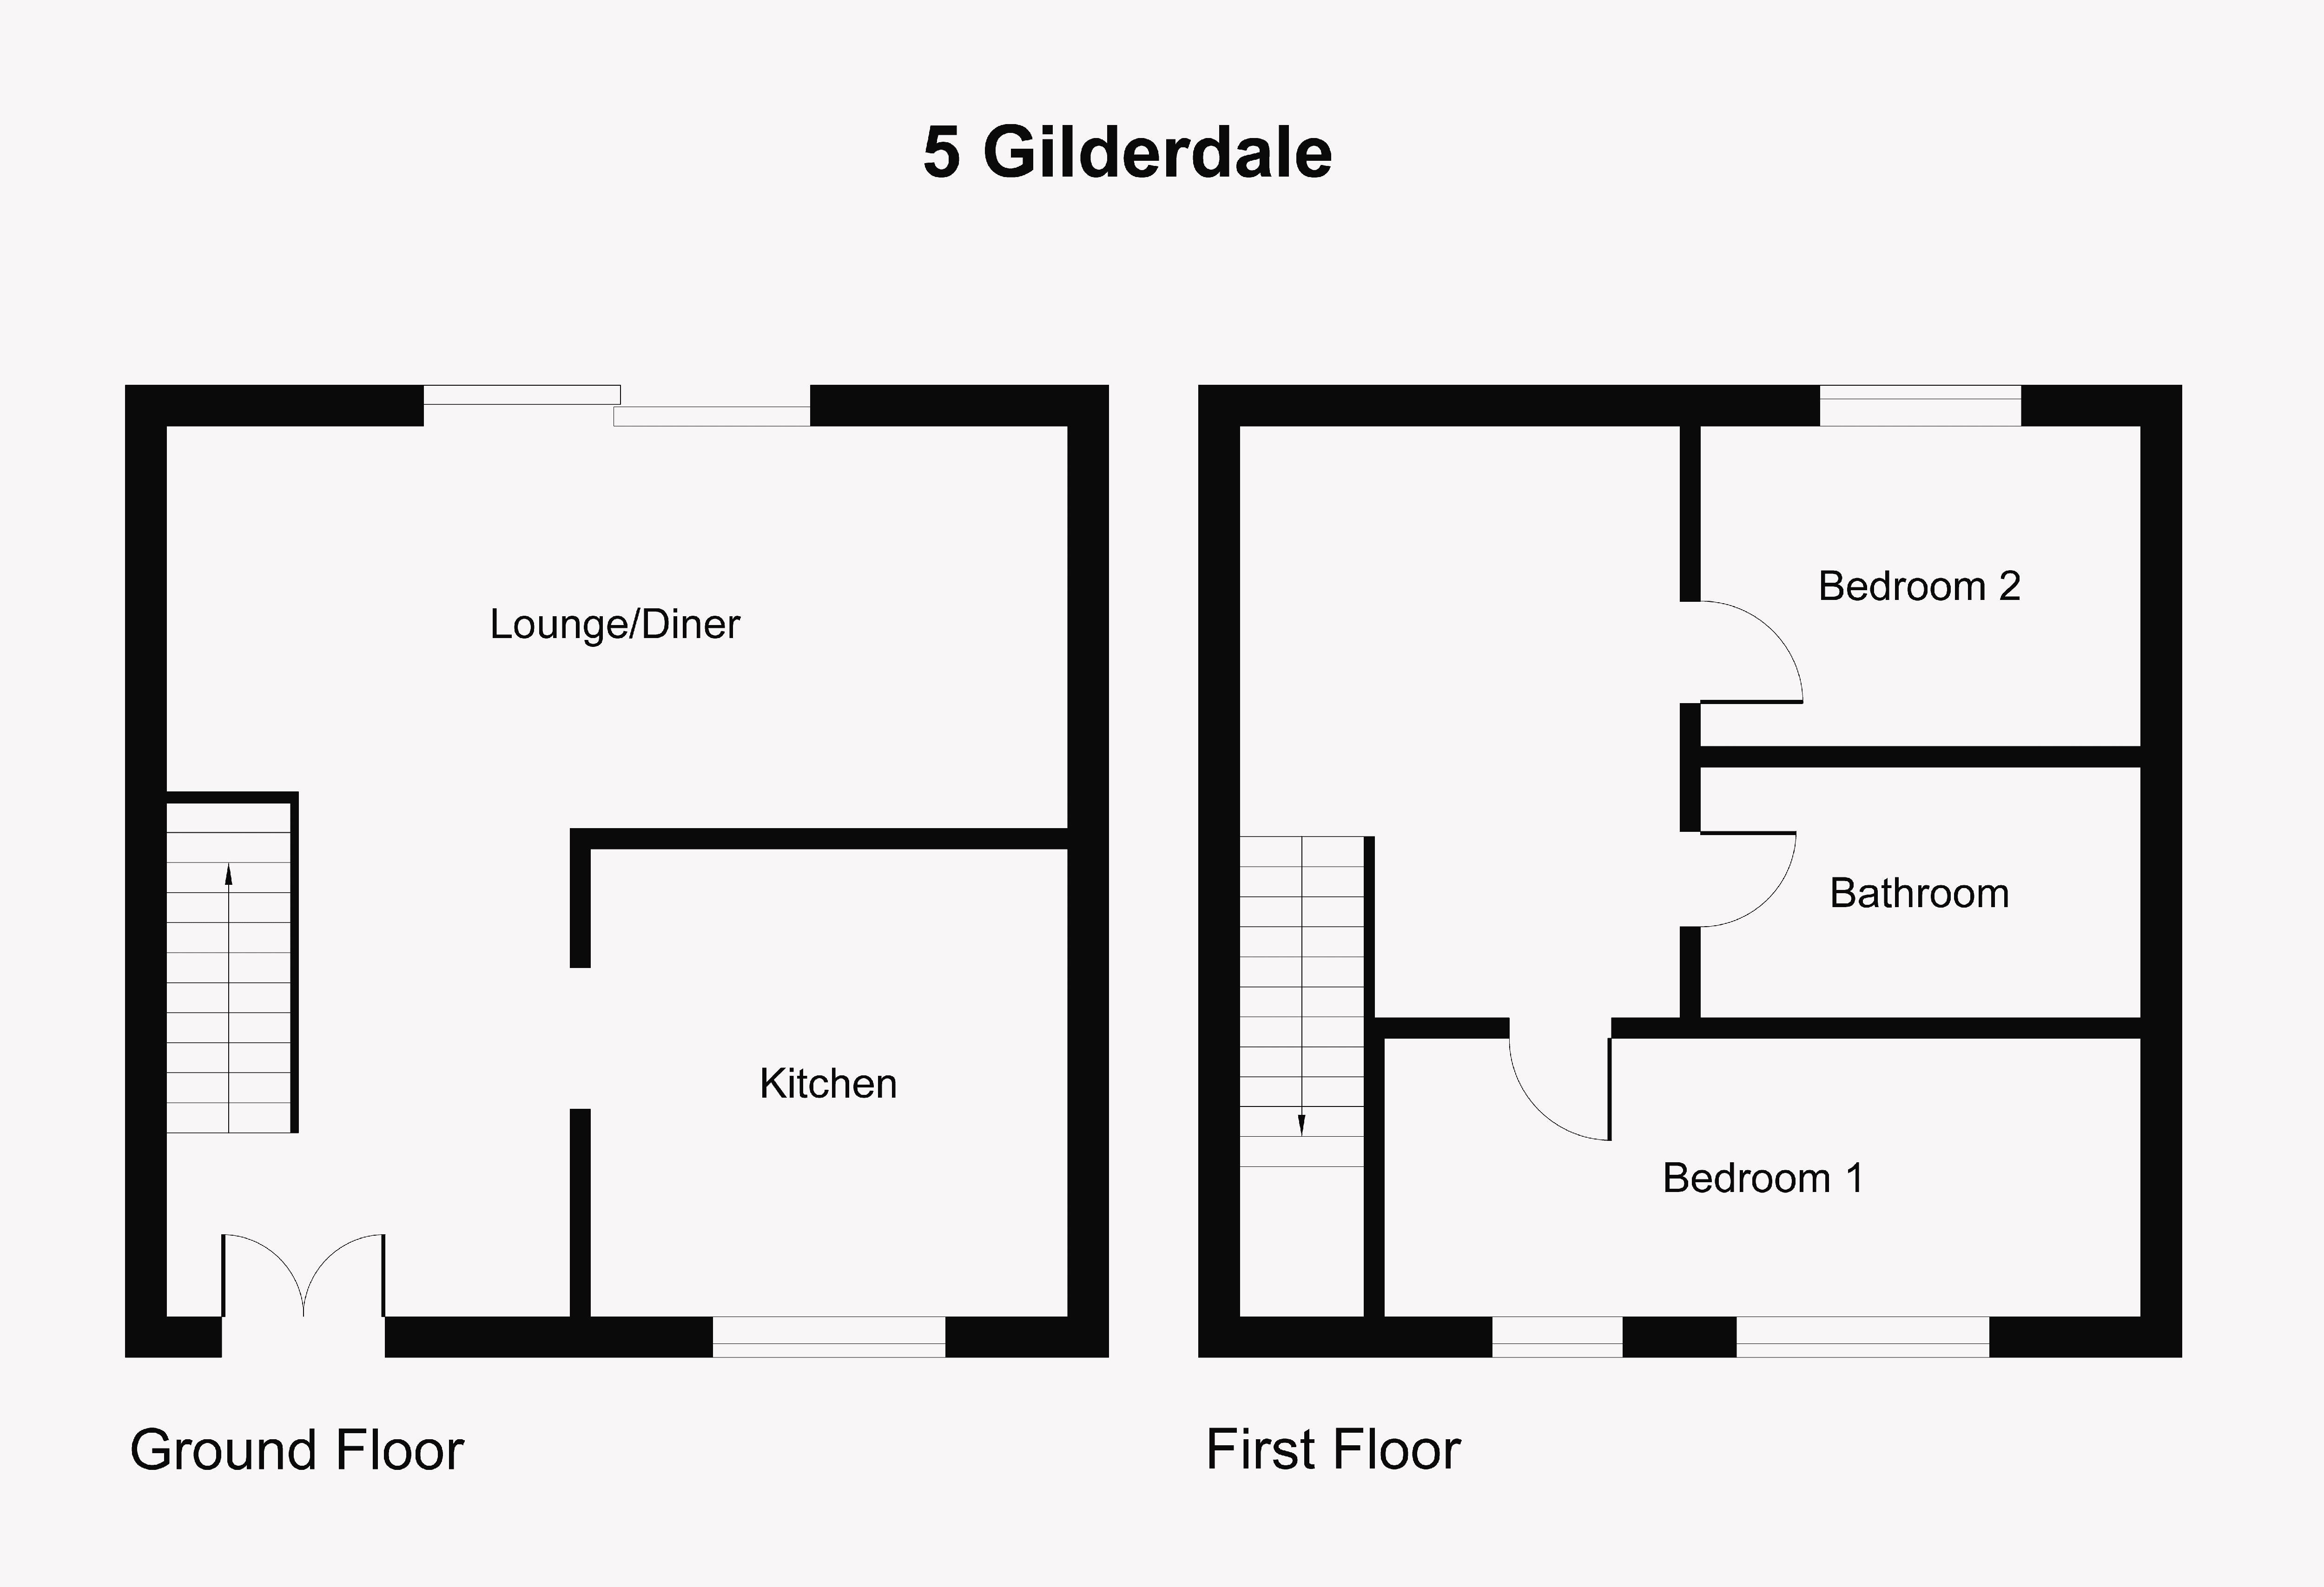 Gilderdale